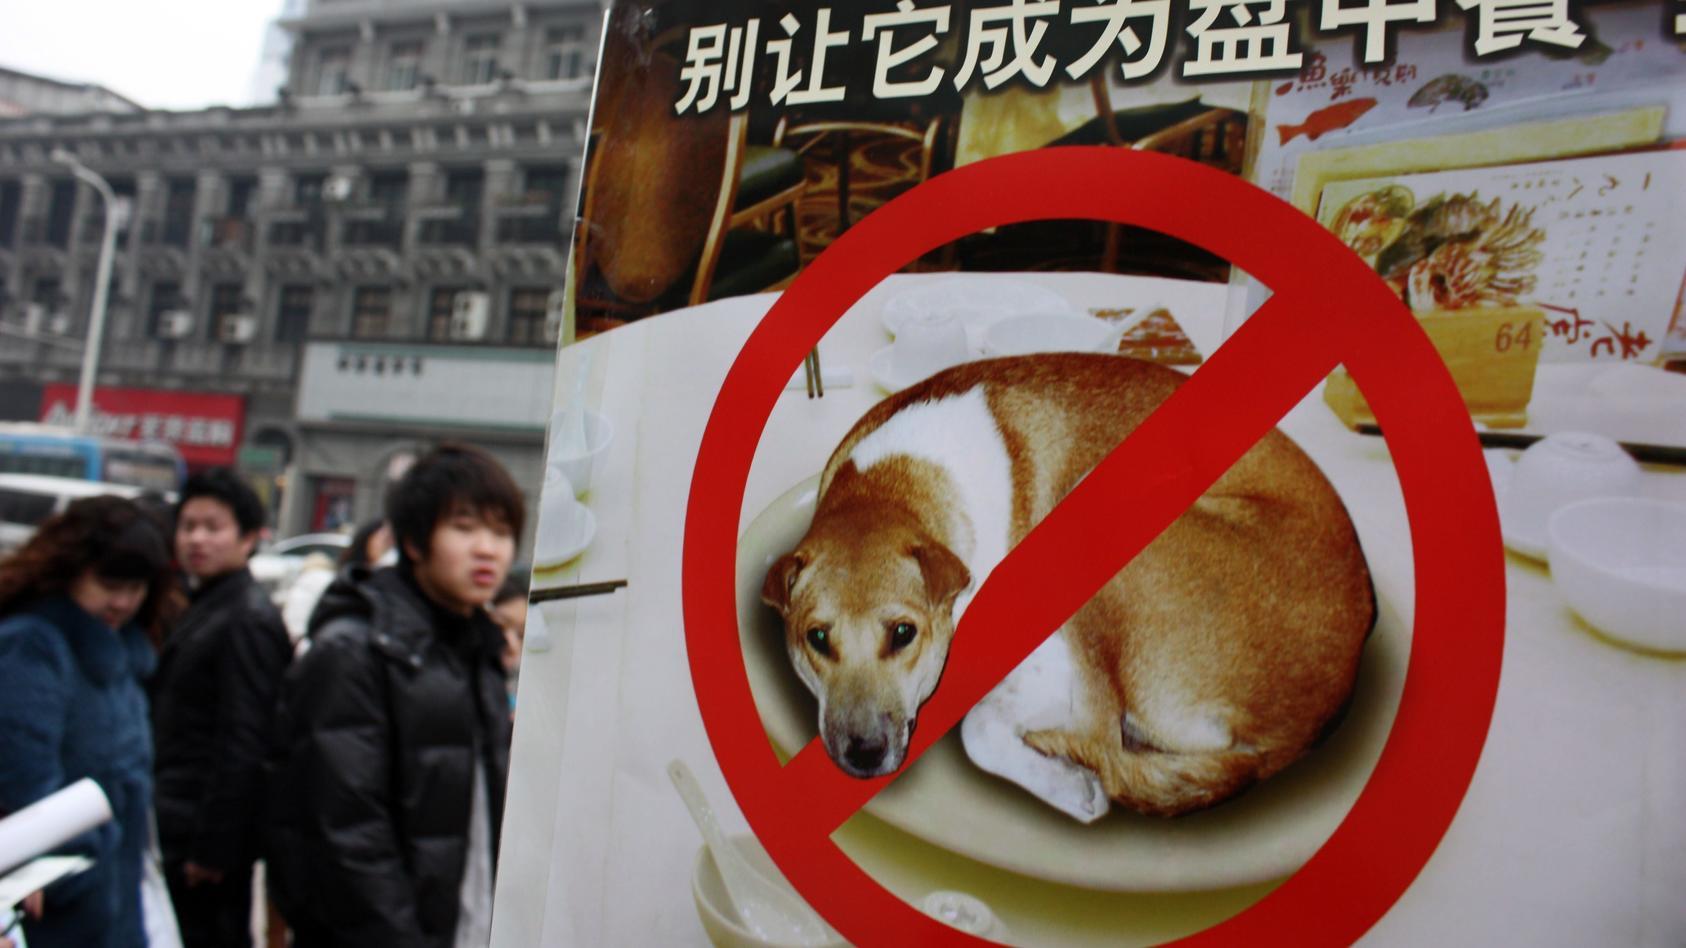 """""""Kein Hunde und Katzen essen!"""" - Auch in Wuhan wird dafür demonstriert."""